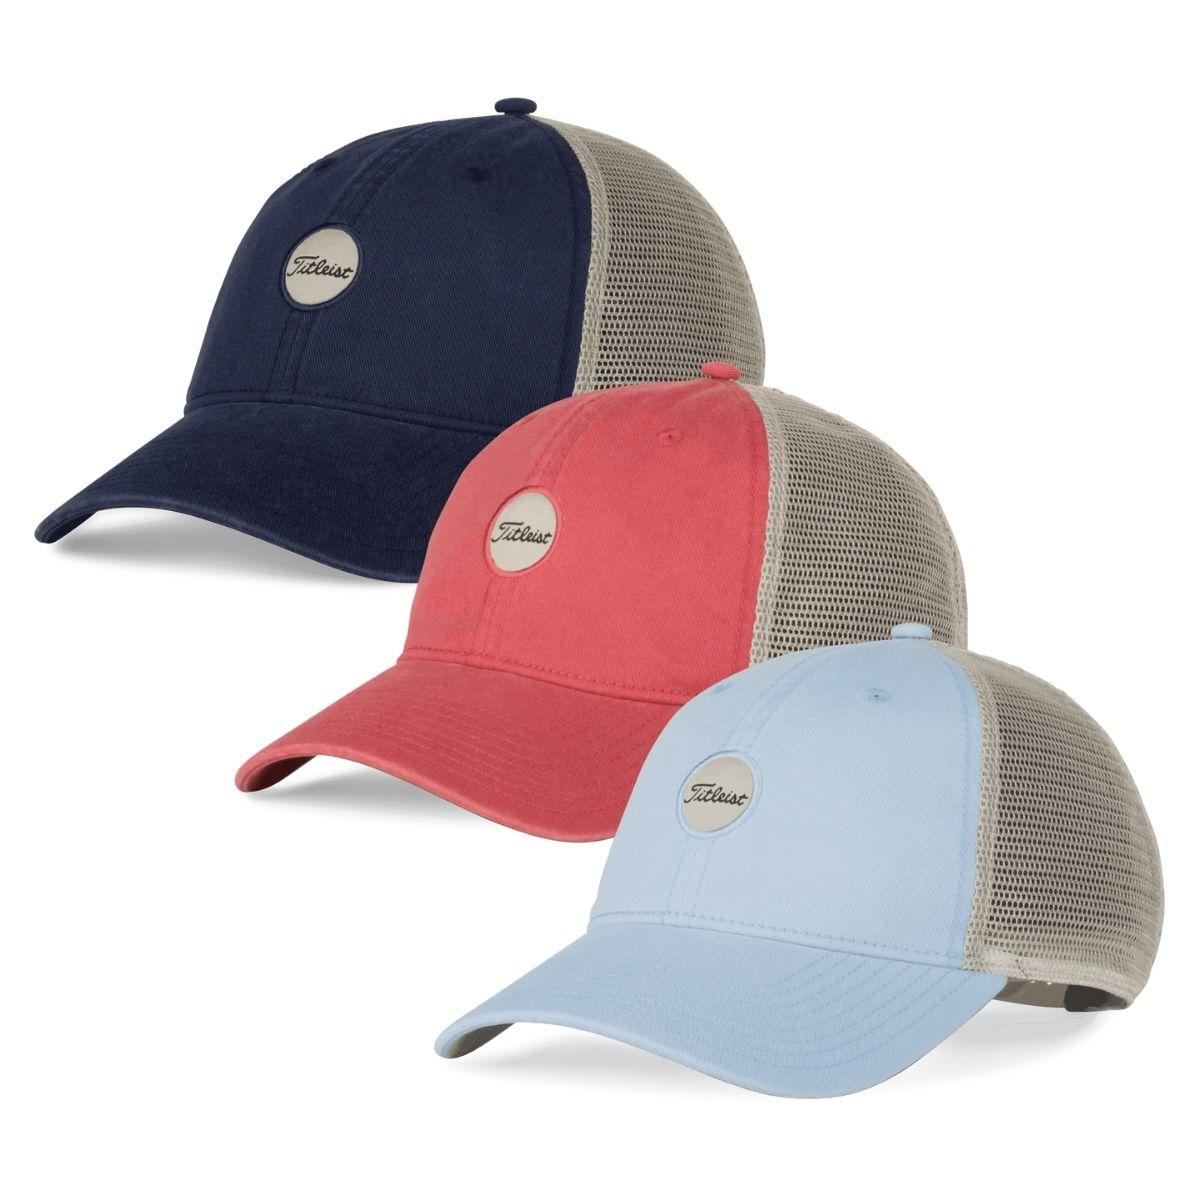 Titleist 2021 Men's Montauk Mesh Hat